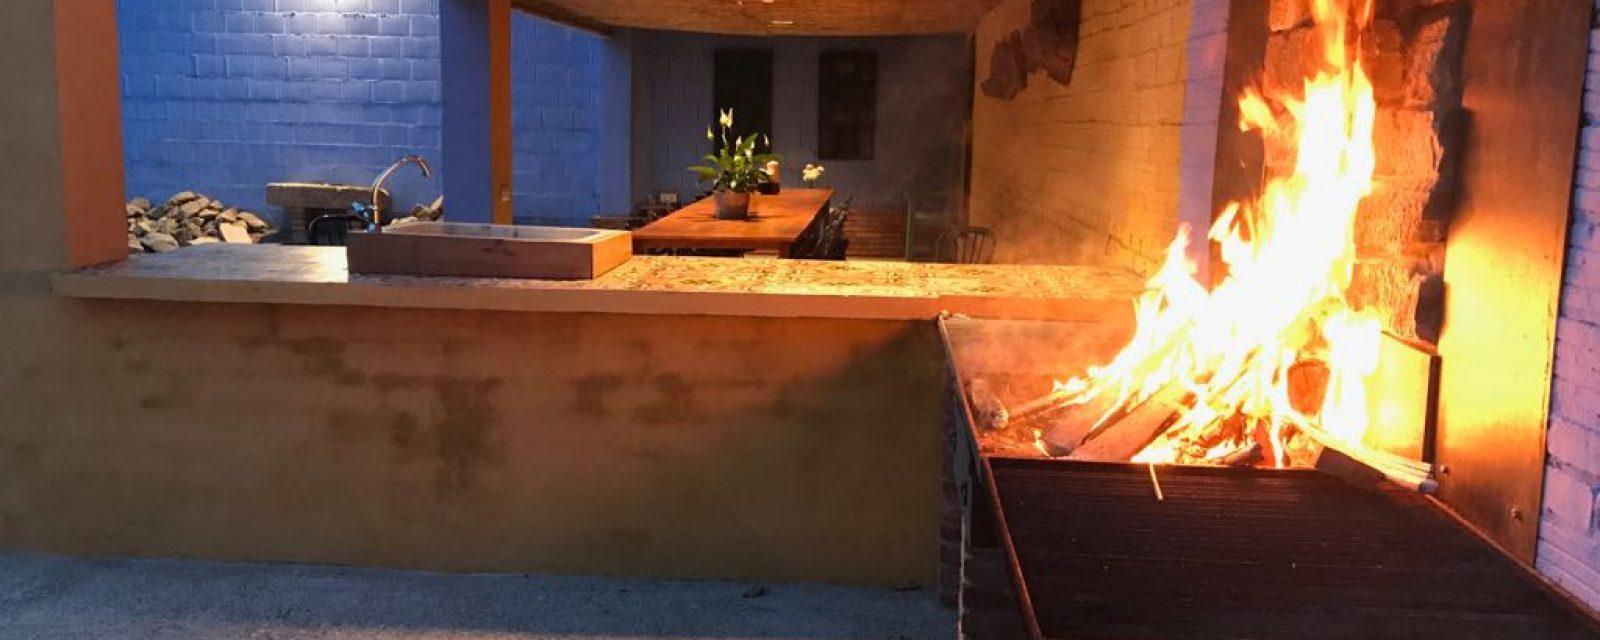 Casa Arbós- Csa Rural de lloguer a Arbeca (Lleida)